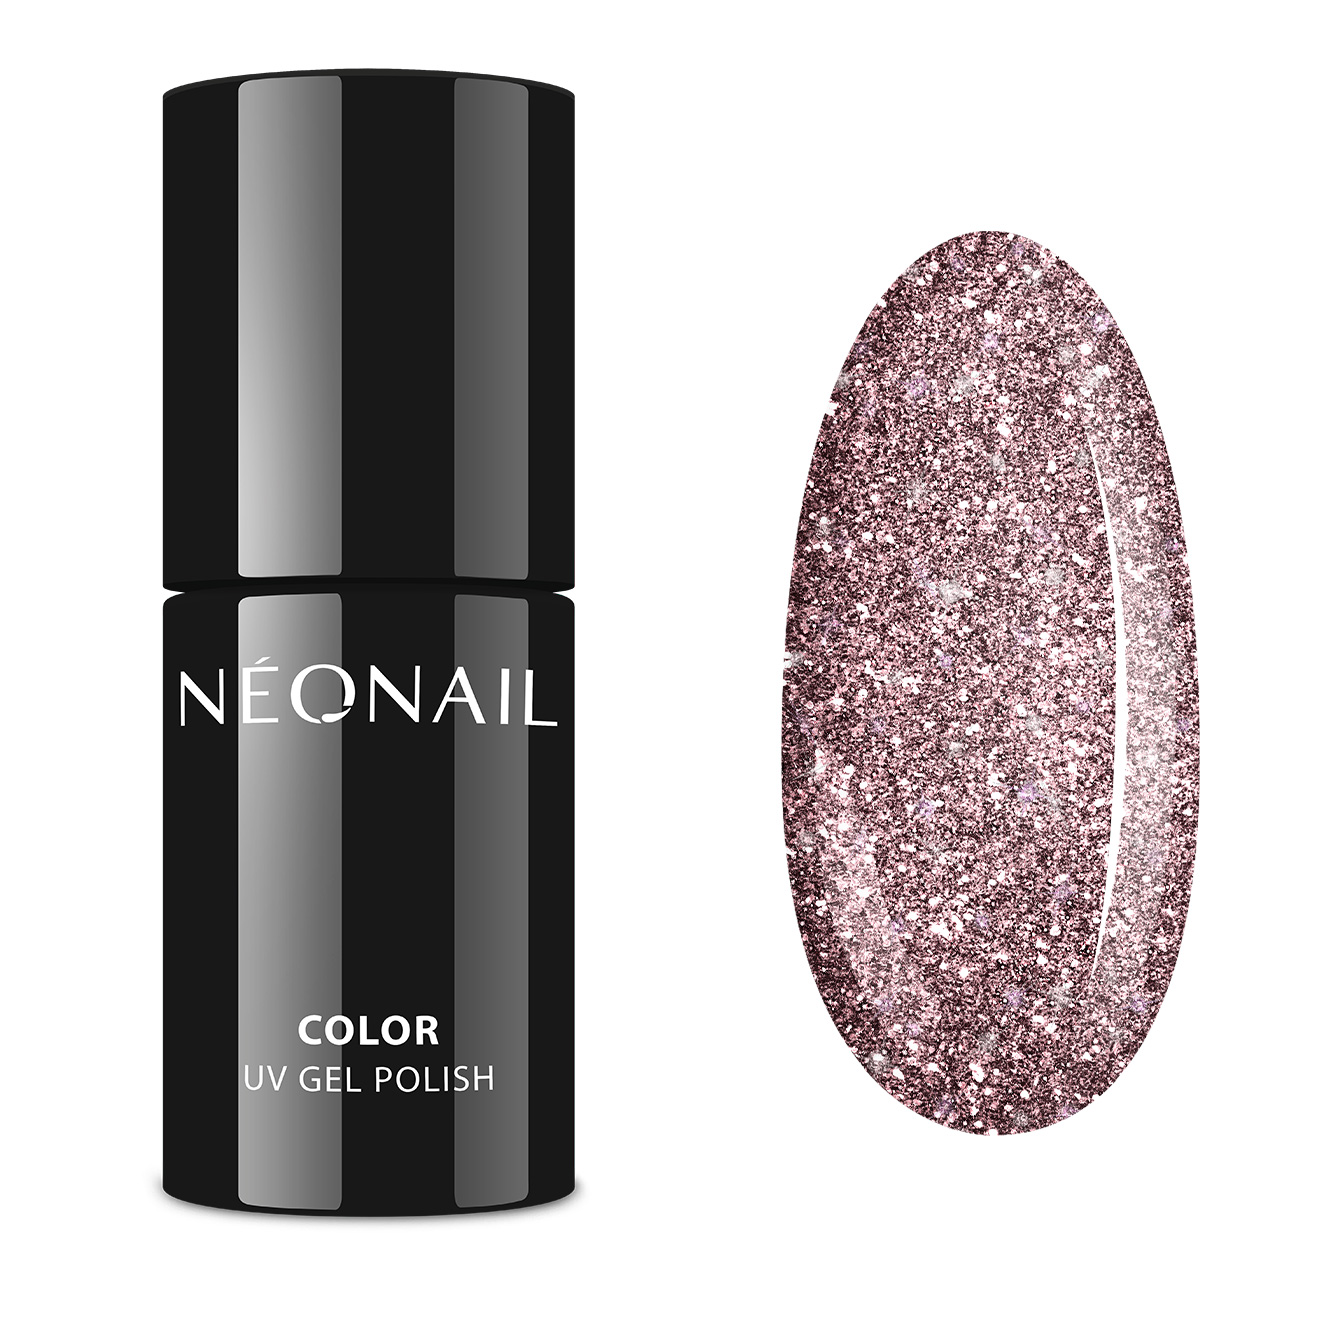 Ημιμόνιμο Βερνίκι Neonail 7,2 ml - Shine The Moments